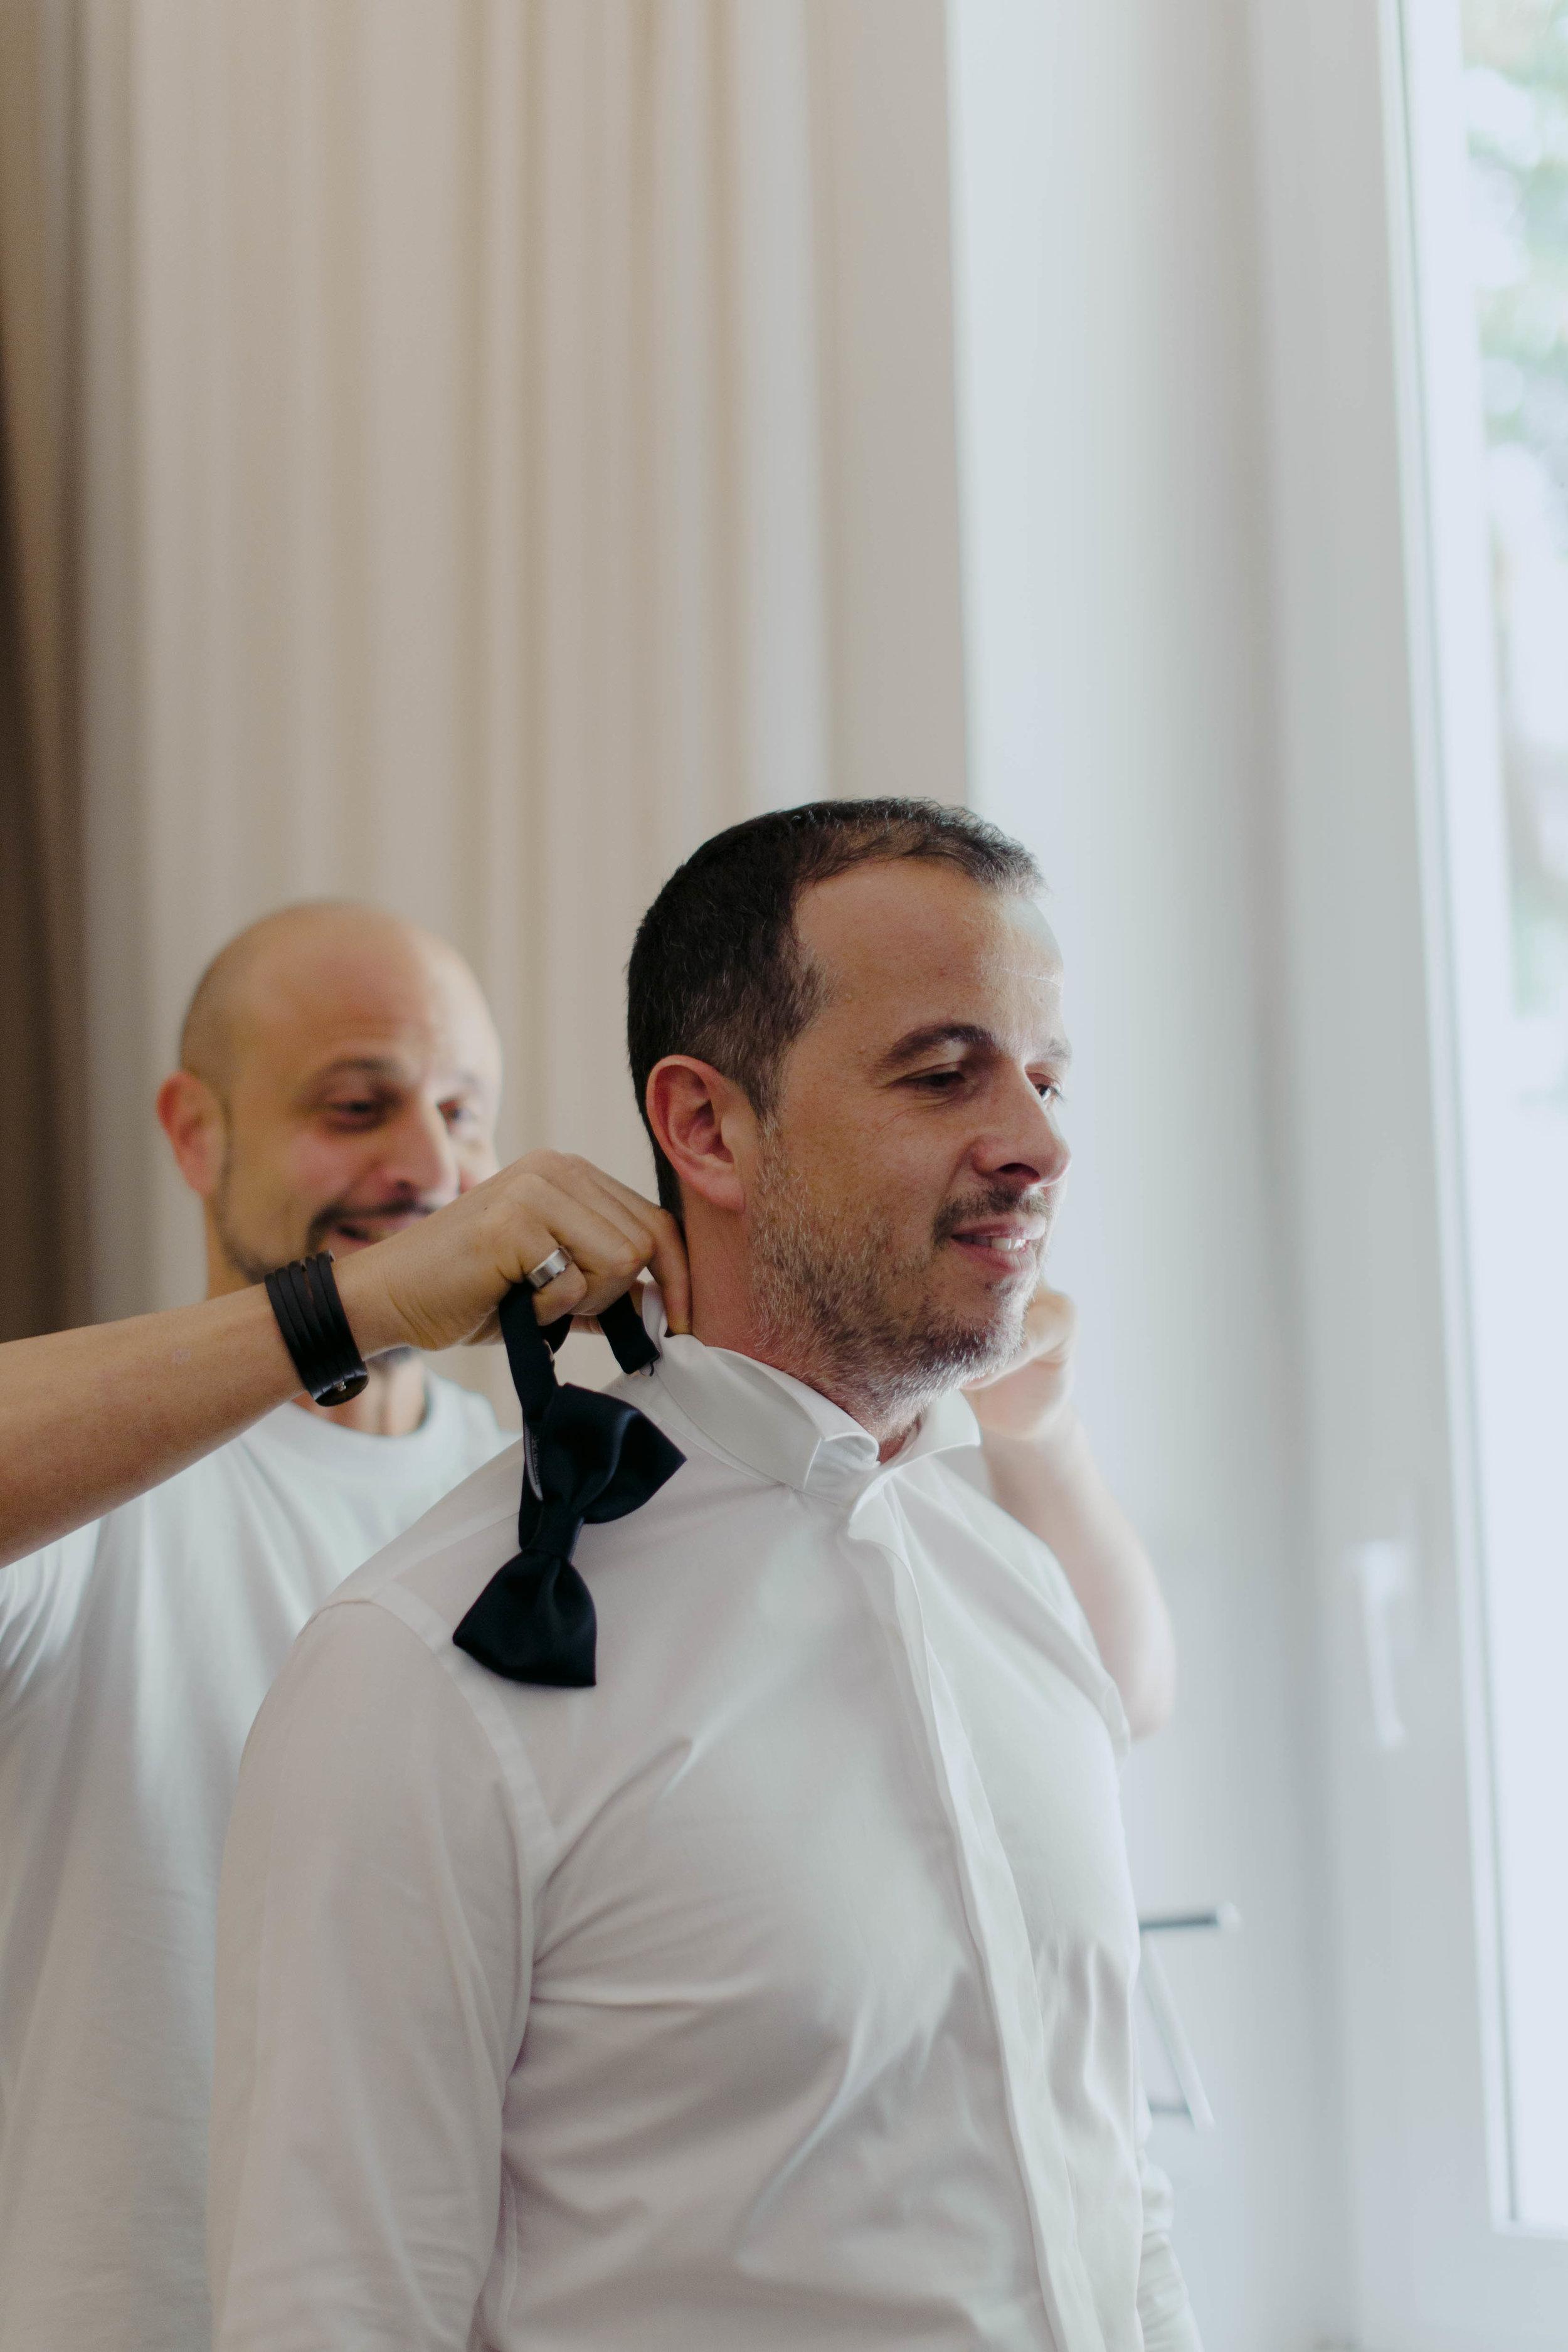 019 - Preparazione sposo.jpg